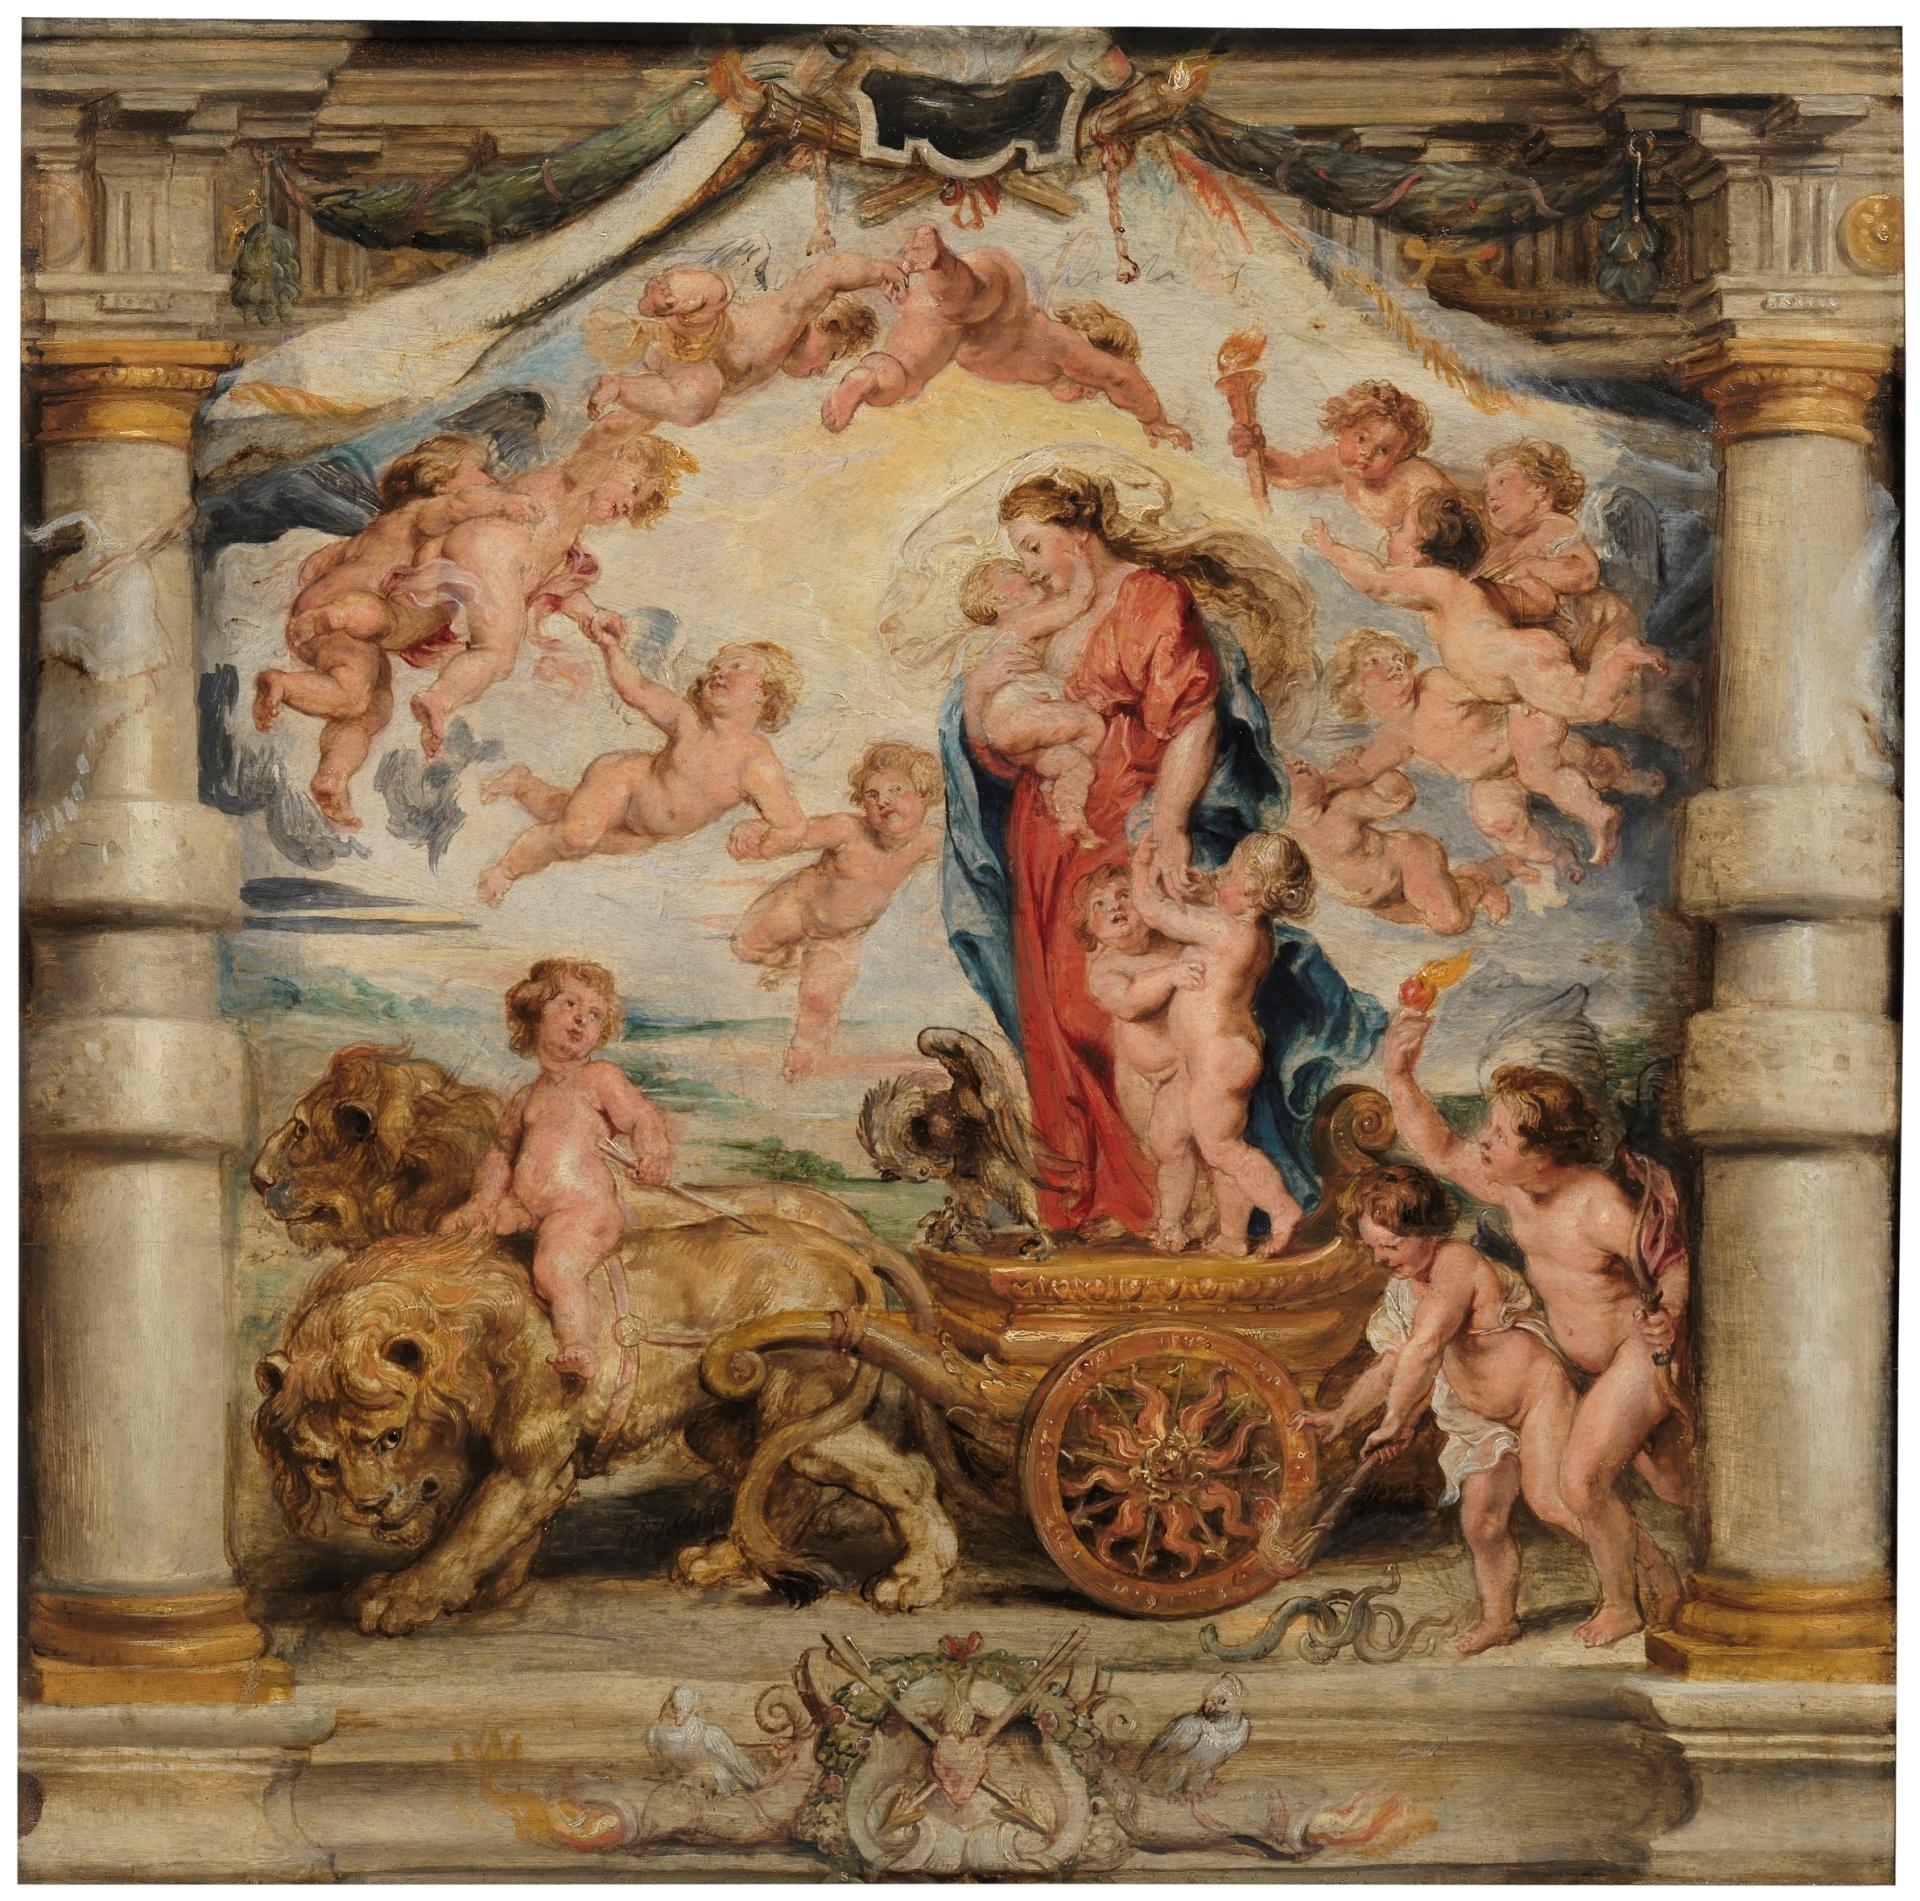 El triunfo del Amor Divino - Colección - Museo Nacional del Prado